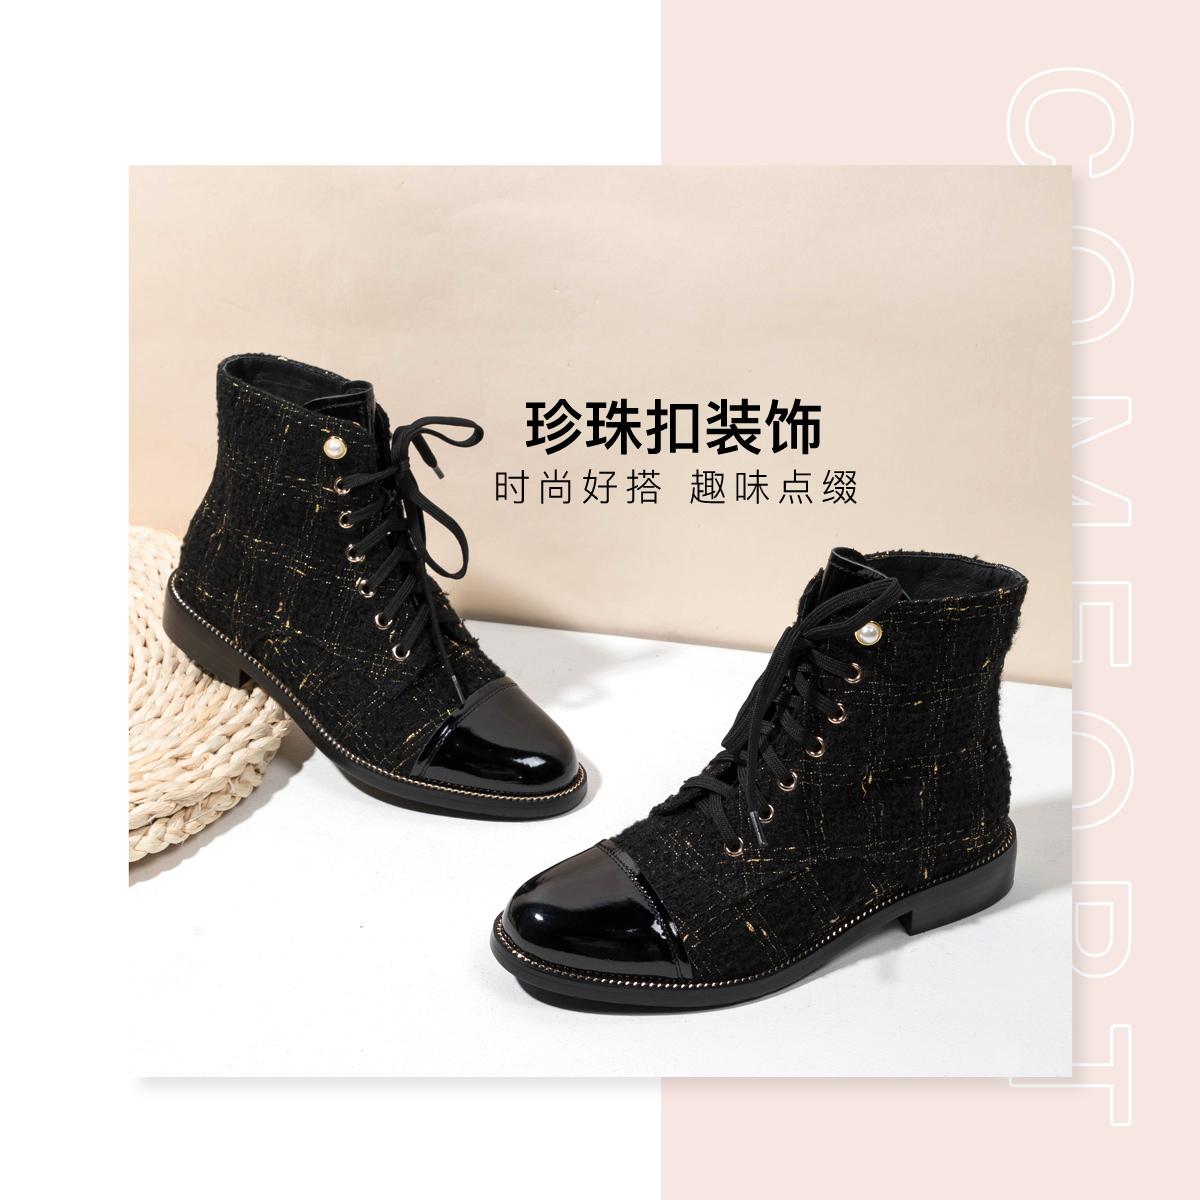 SS03116069 秋季新款铆钉低跟马丁靴潮休闲系带短靴女 2020 星期六